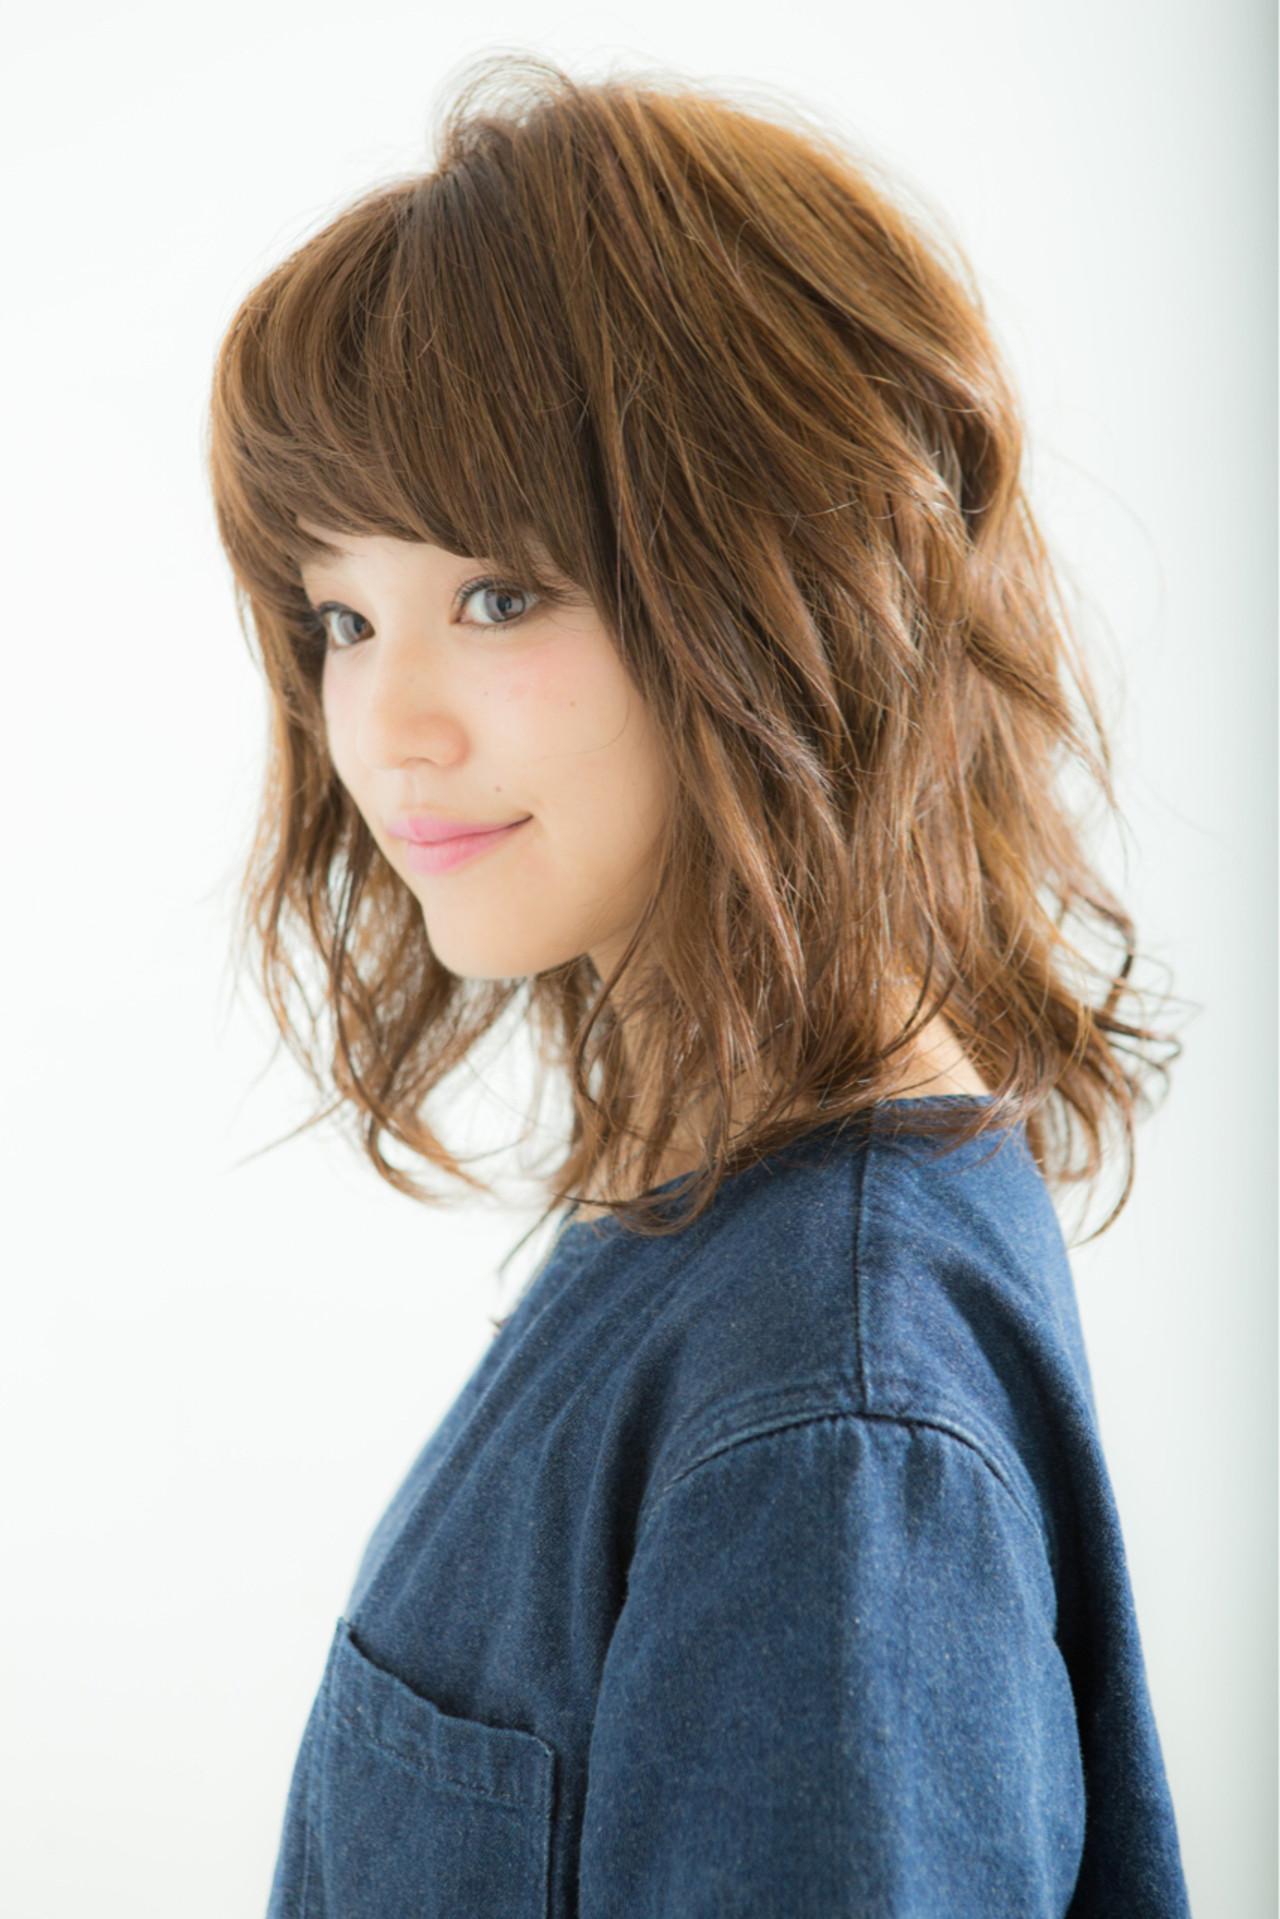 前髪あり パーマ 簡単ヘアアレンジ ショート ヘアスタイルや髪型の写真・画像 | 渡邉貴大 / Rodina【ロディーナ】